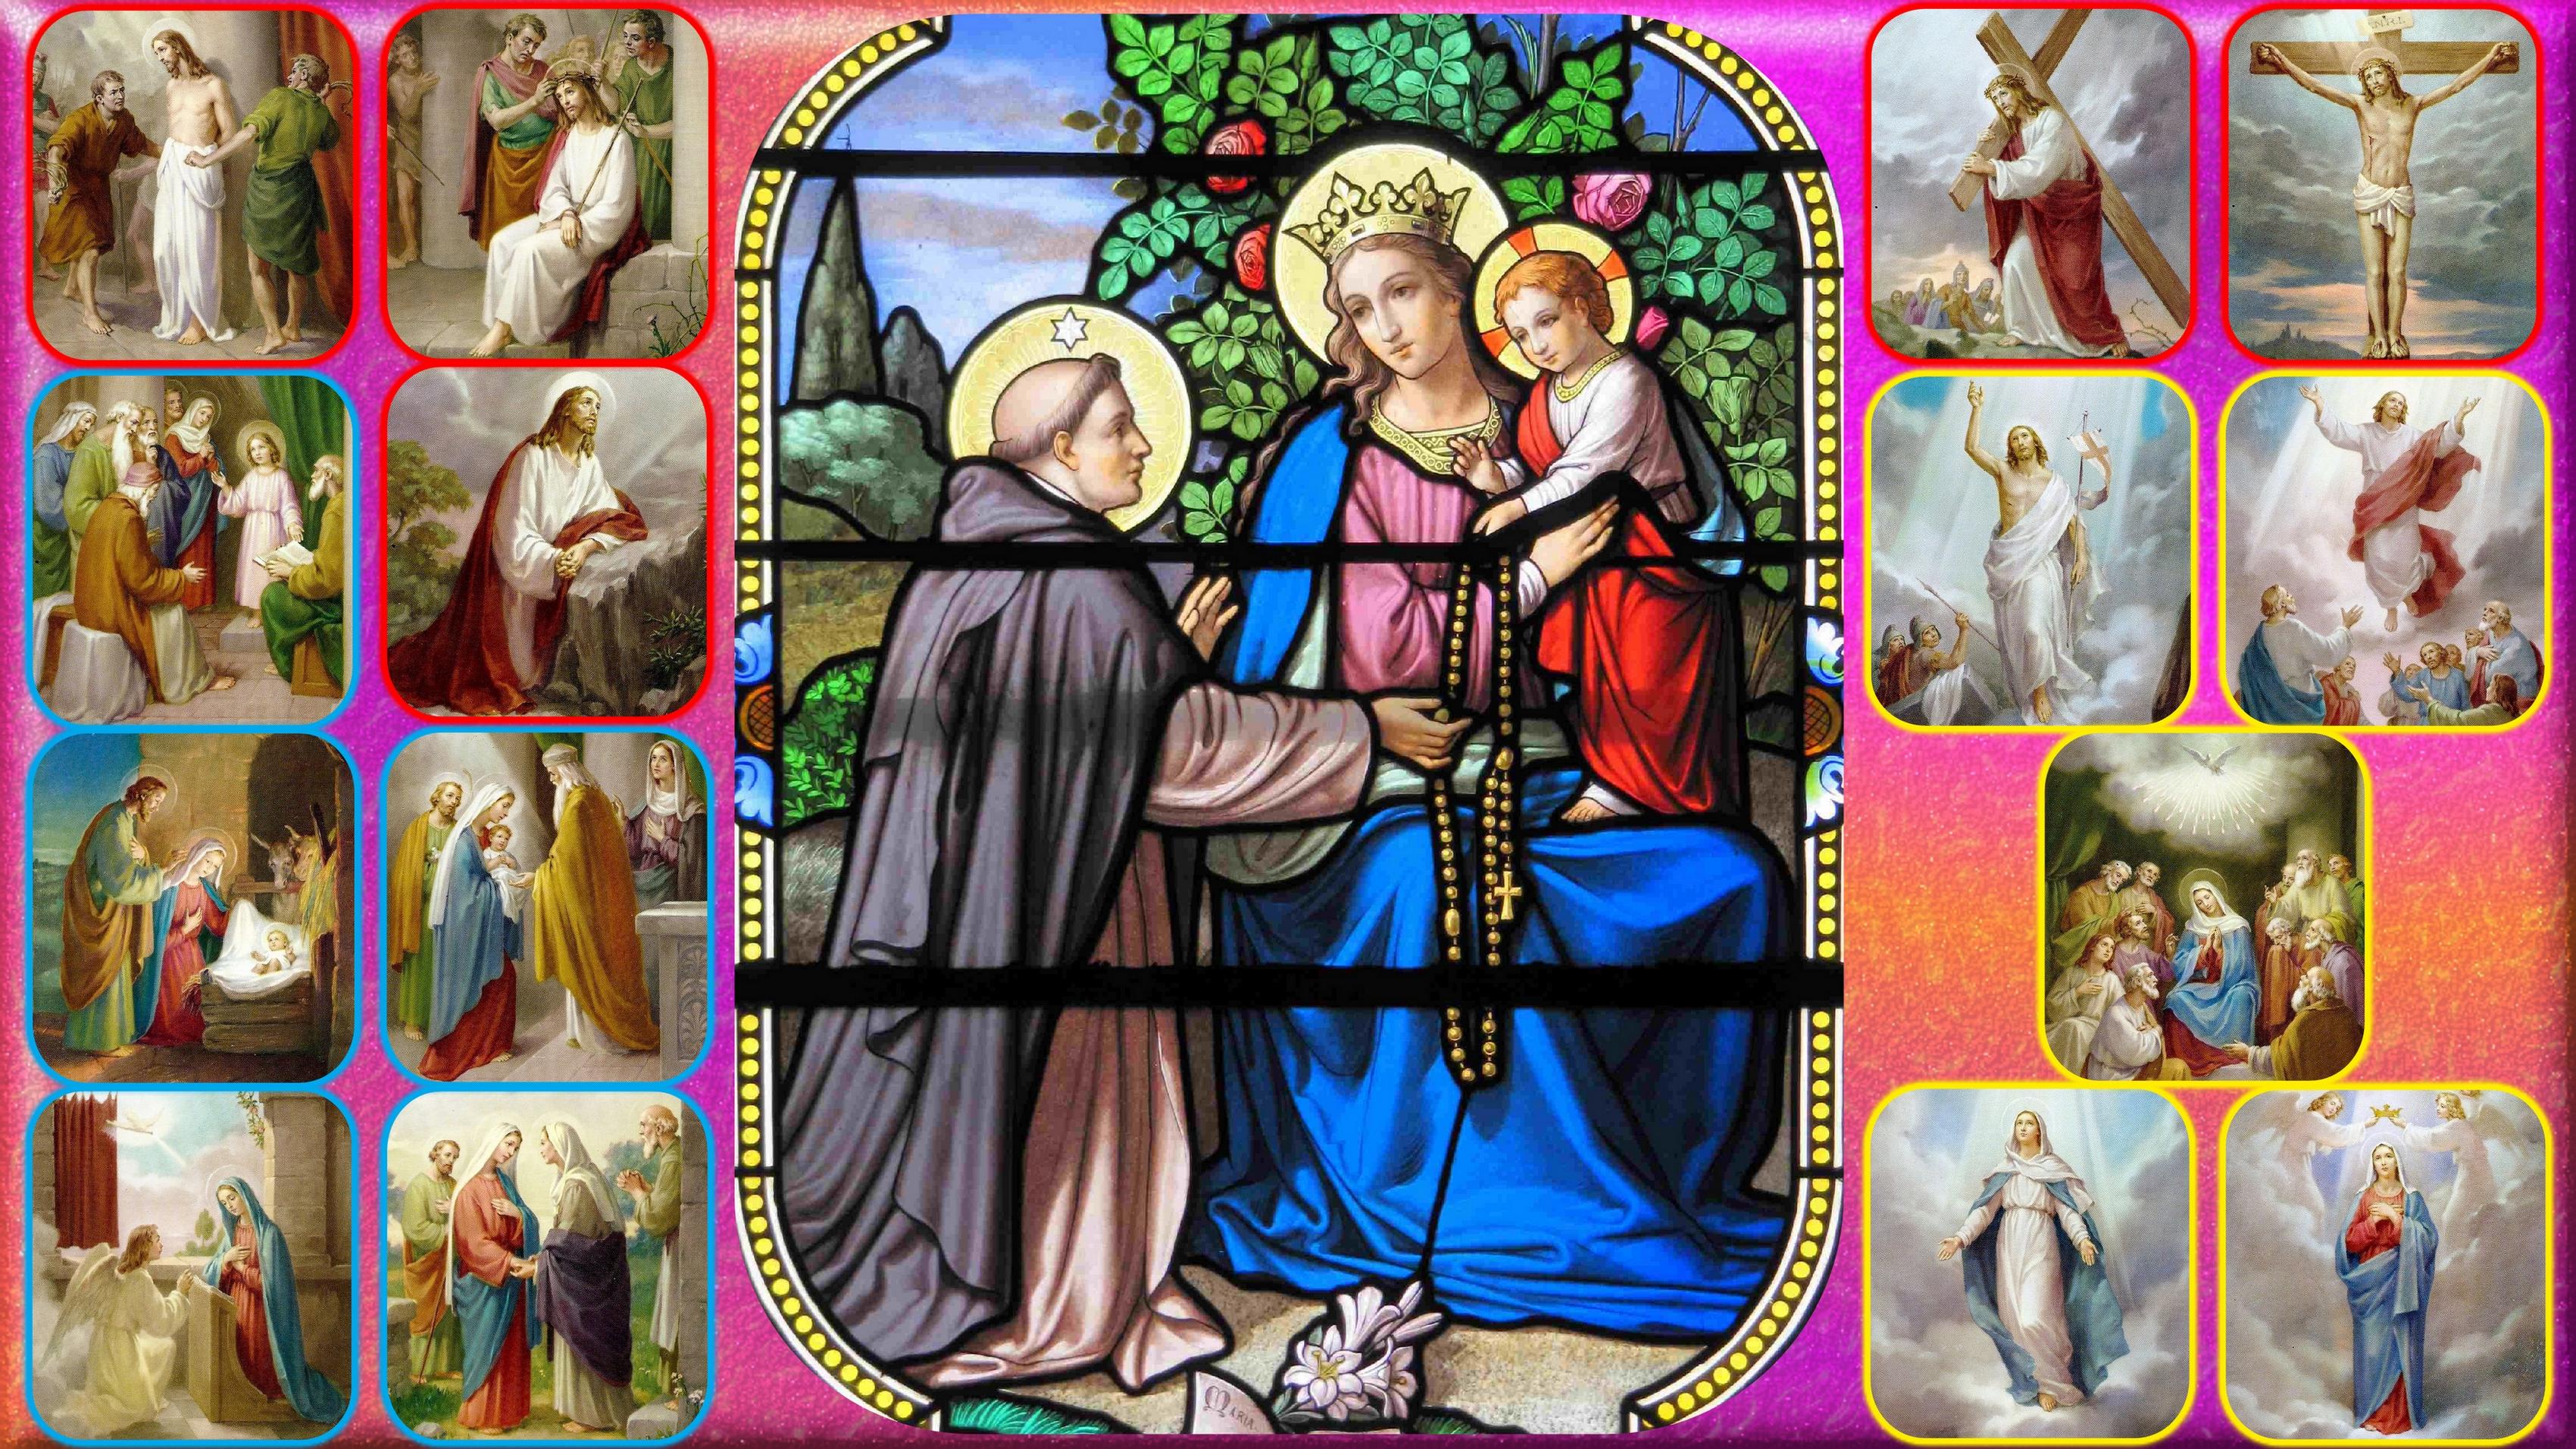 Le CHAPELET QUOTIDIEN récité avec vous ! - Page 2 Notre-dame-enseig...-rosaire-5579c14